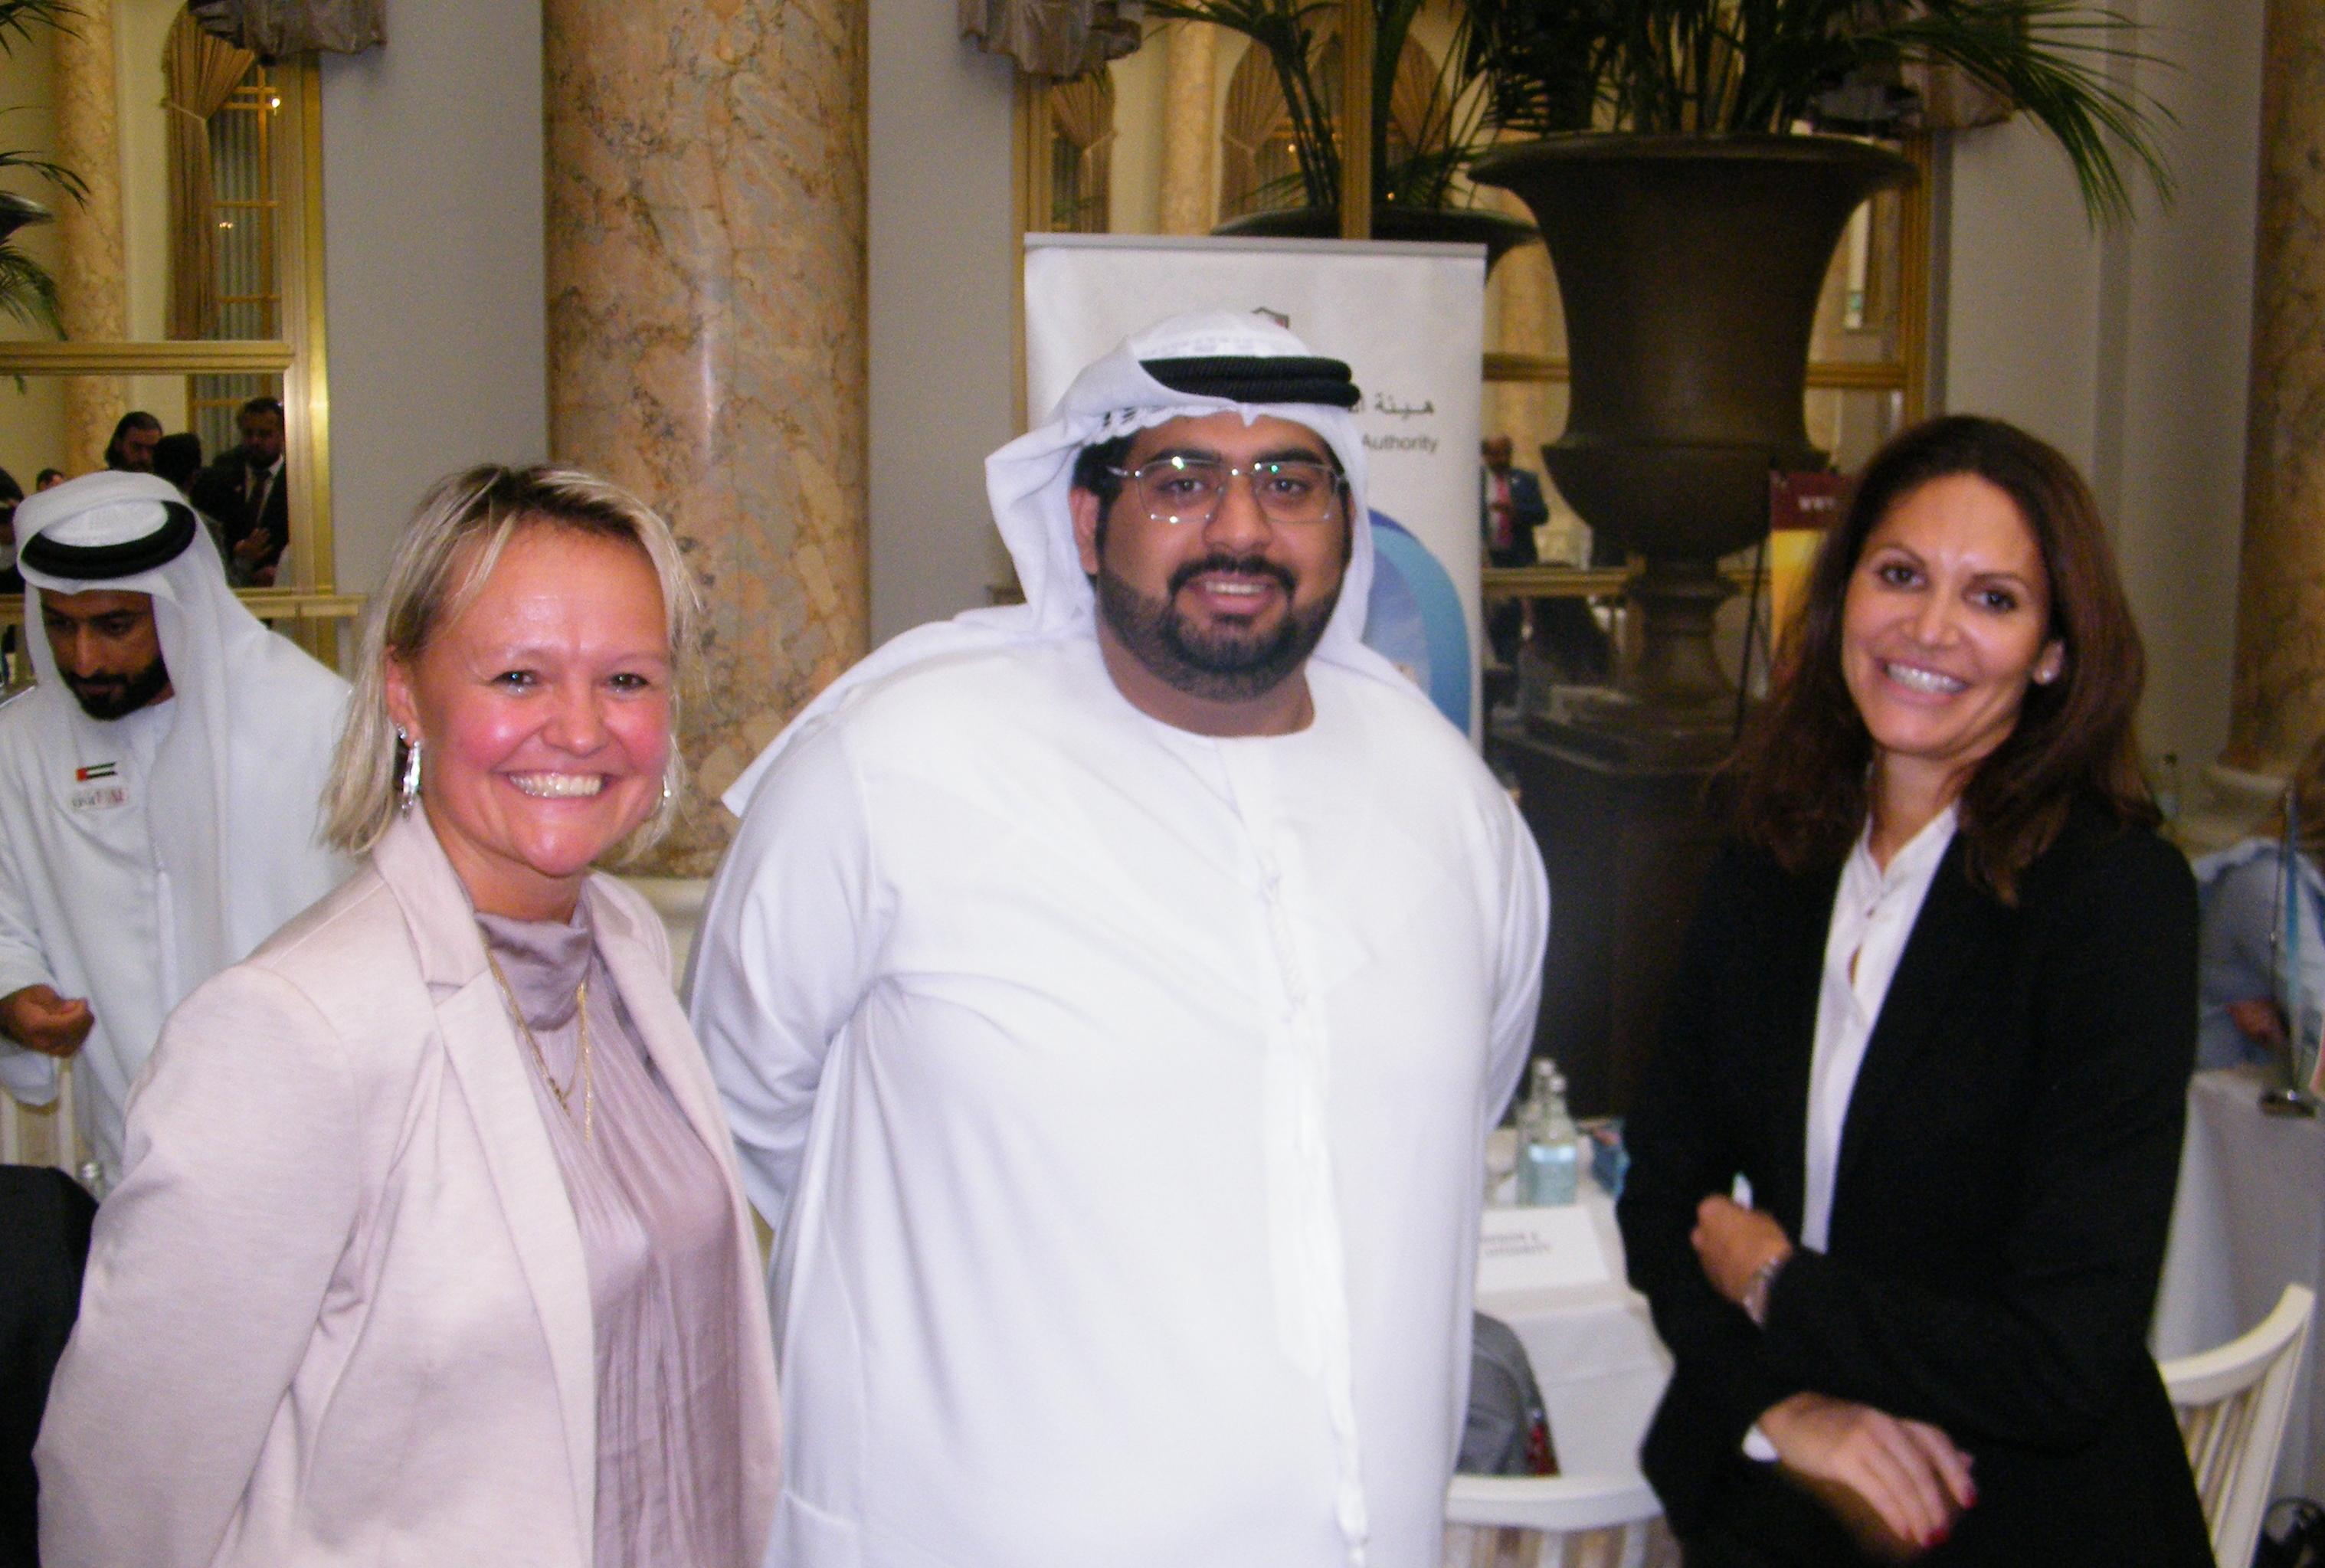 Fra UAE's workshop i København, fra venstre Karina Nielsen fra Apollo Rejser, marketingkoordinator Omar Bani Hamour fra emiratet Fujairah's turismemyndigheder, og key account manager hos Emirates i Norden, Tanya Milad. Foto: Henrik Baumgarten.